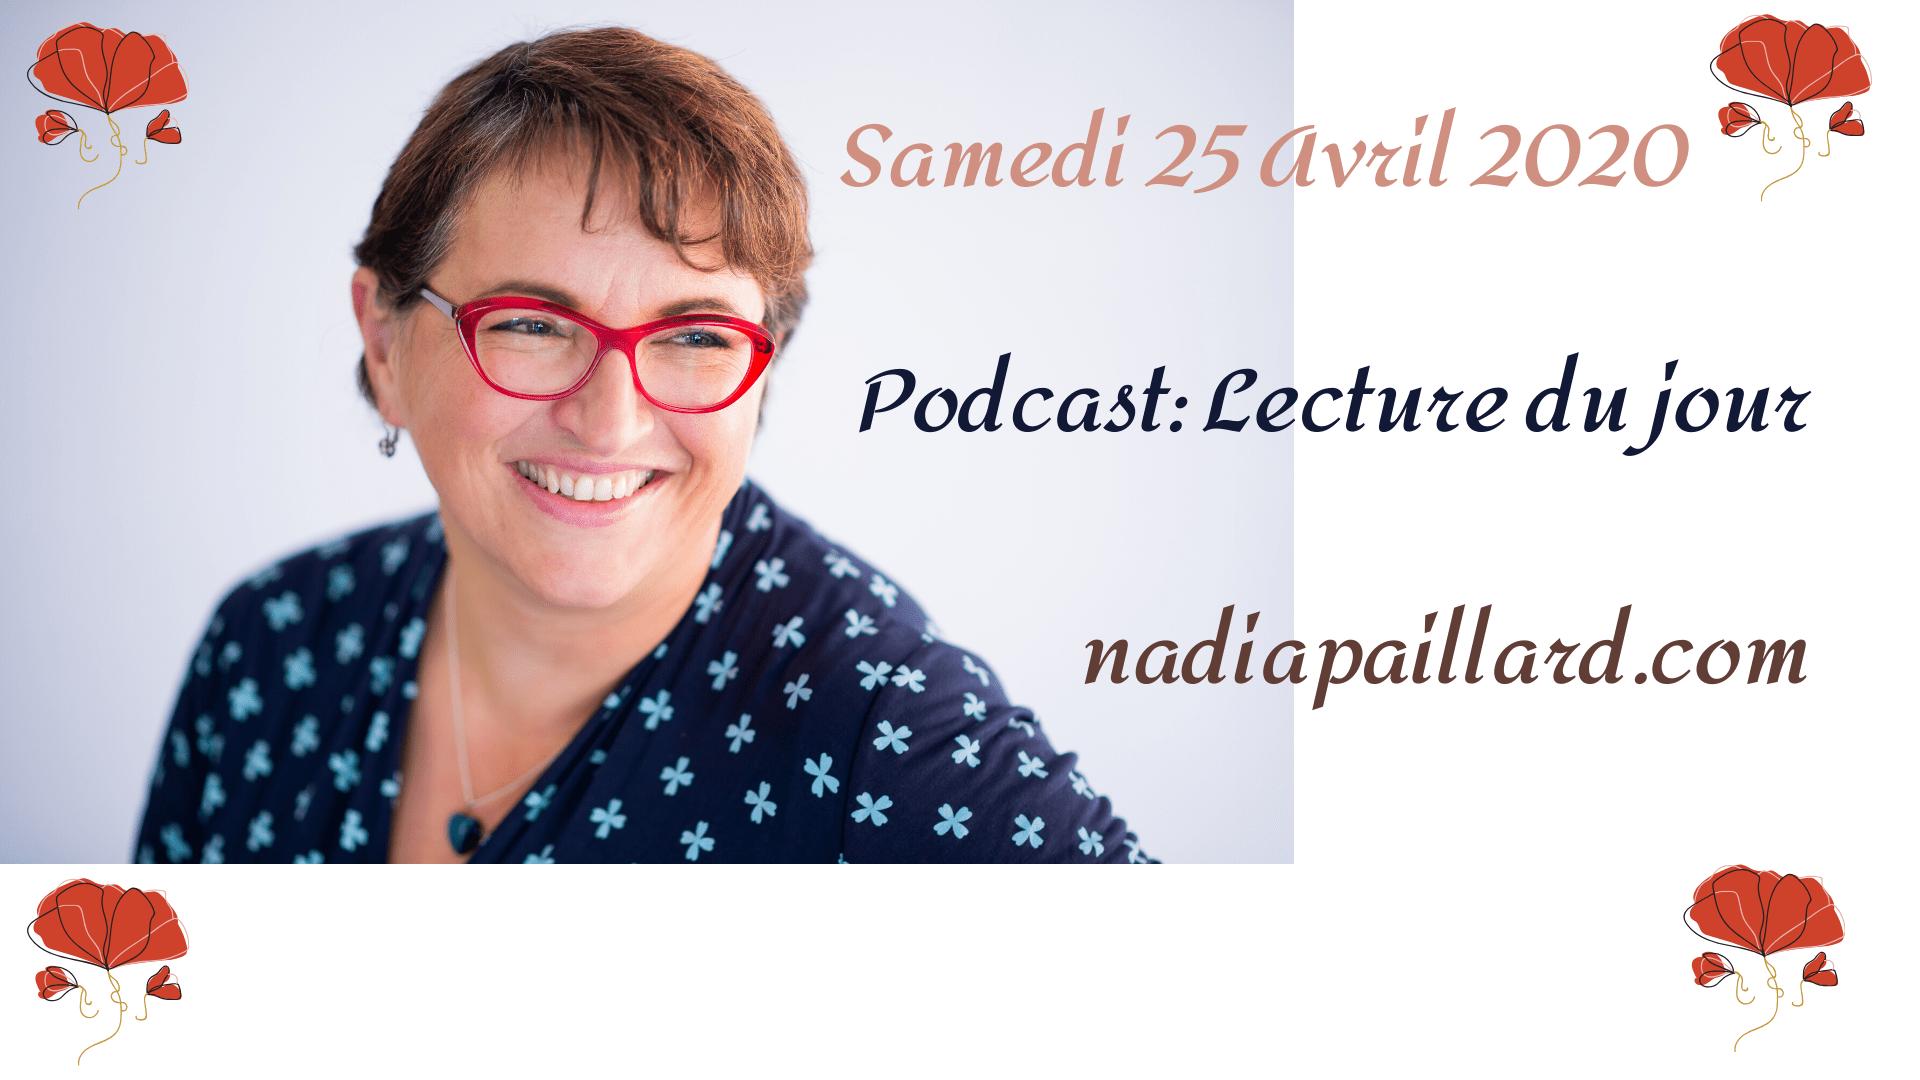 Podcast-Vidéo,Lecture du jour,Samedi 25 Avril 2020 by Nadia PAILLARD Coach, fêtes à souhaiter, lecture de 2 extraits de livre